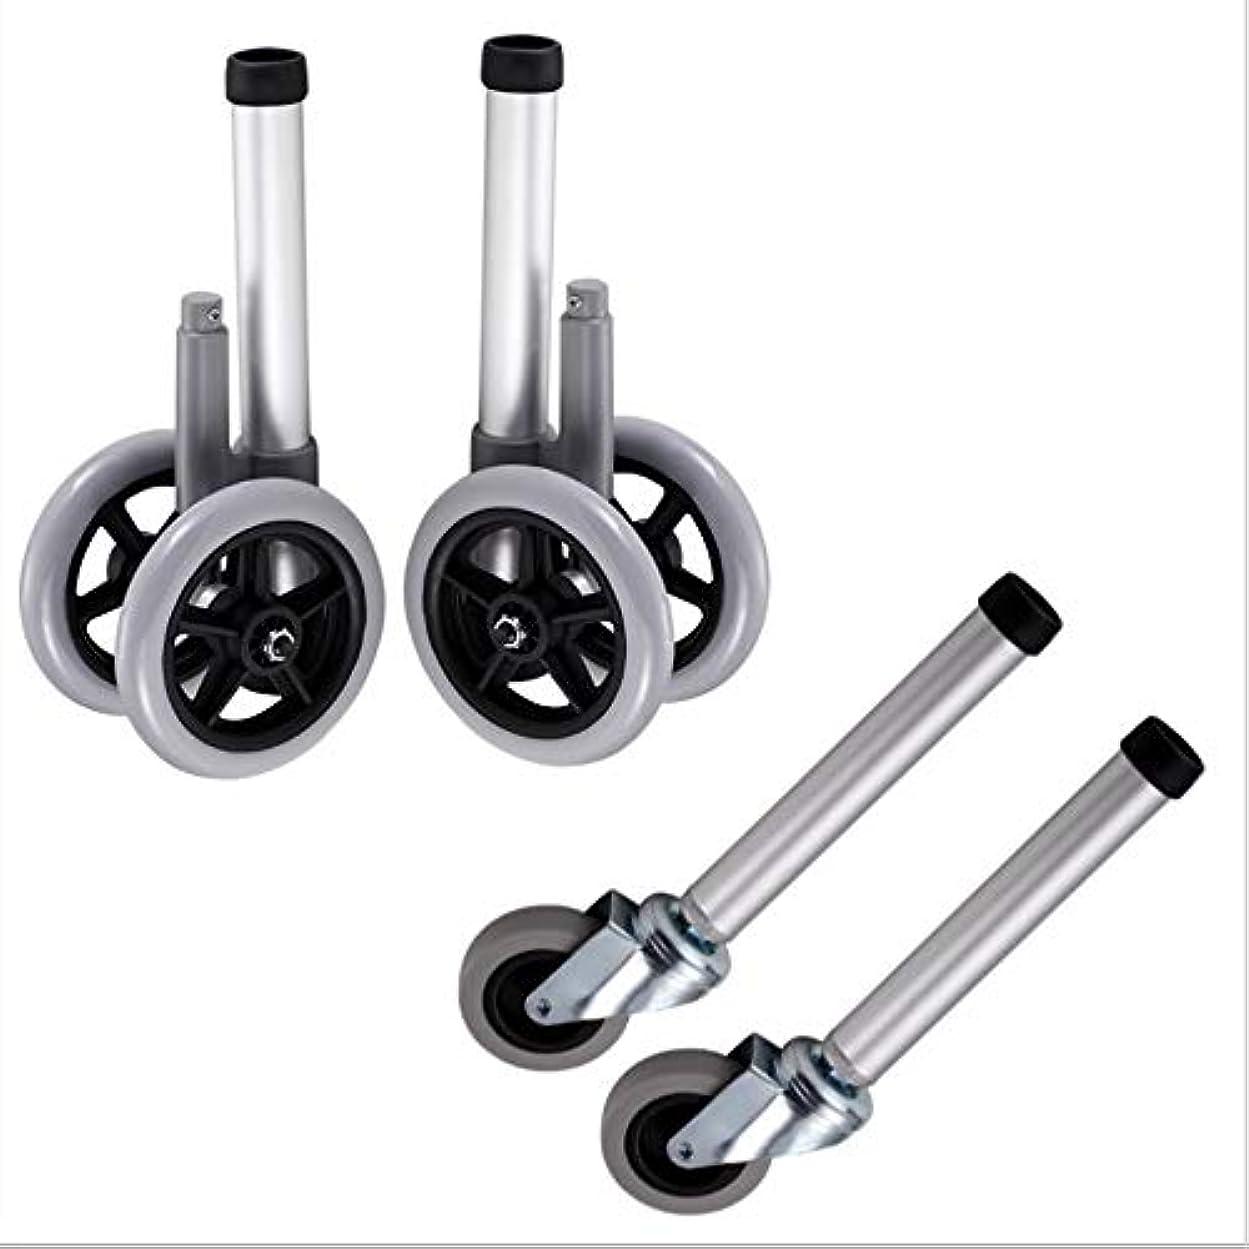 仮定吹きさらし与える取り替えの歩くフレームの車輪、耐久の強い合金フレームの車椅子の足車の車輪